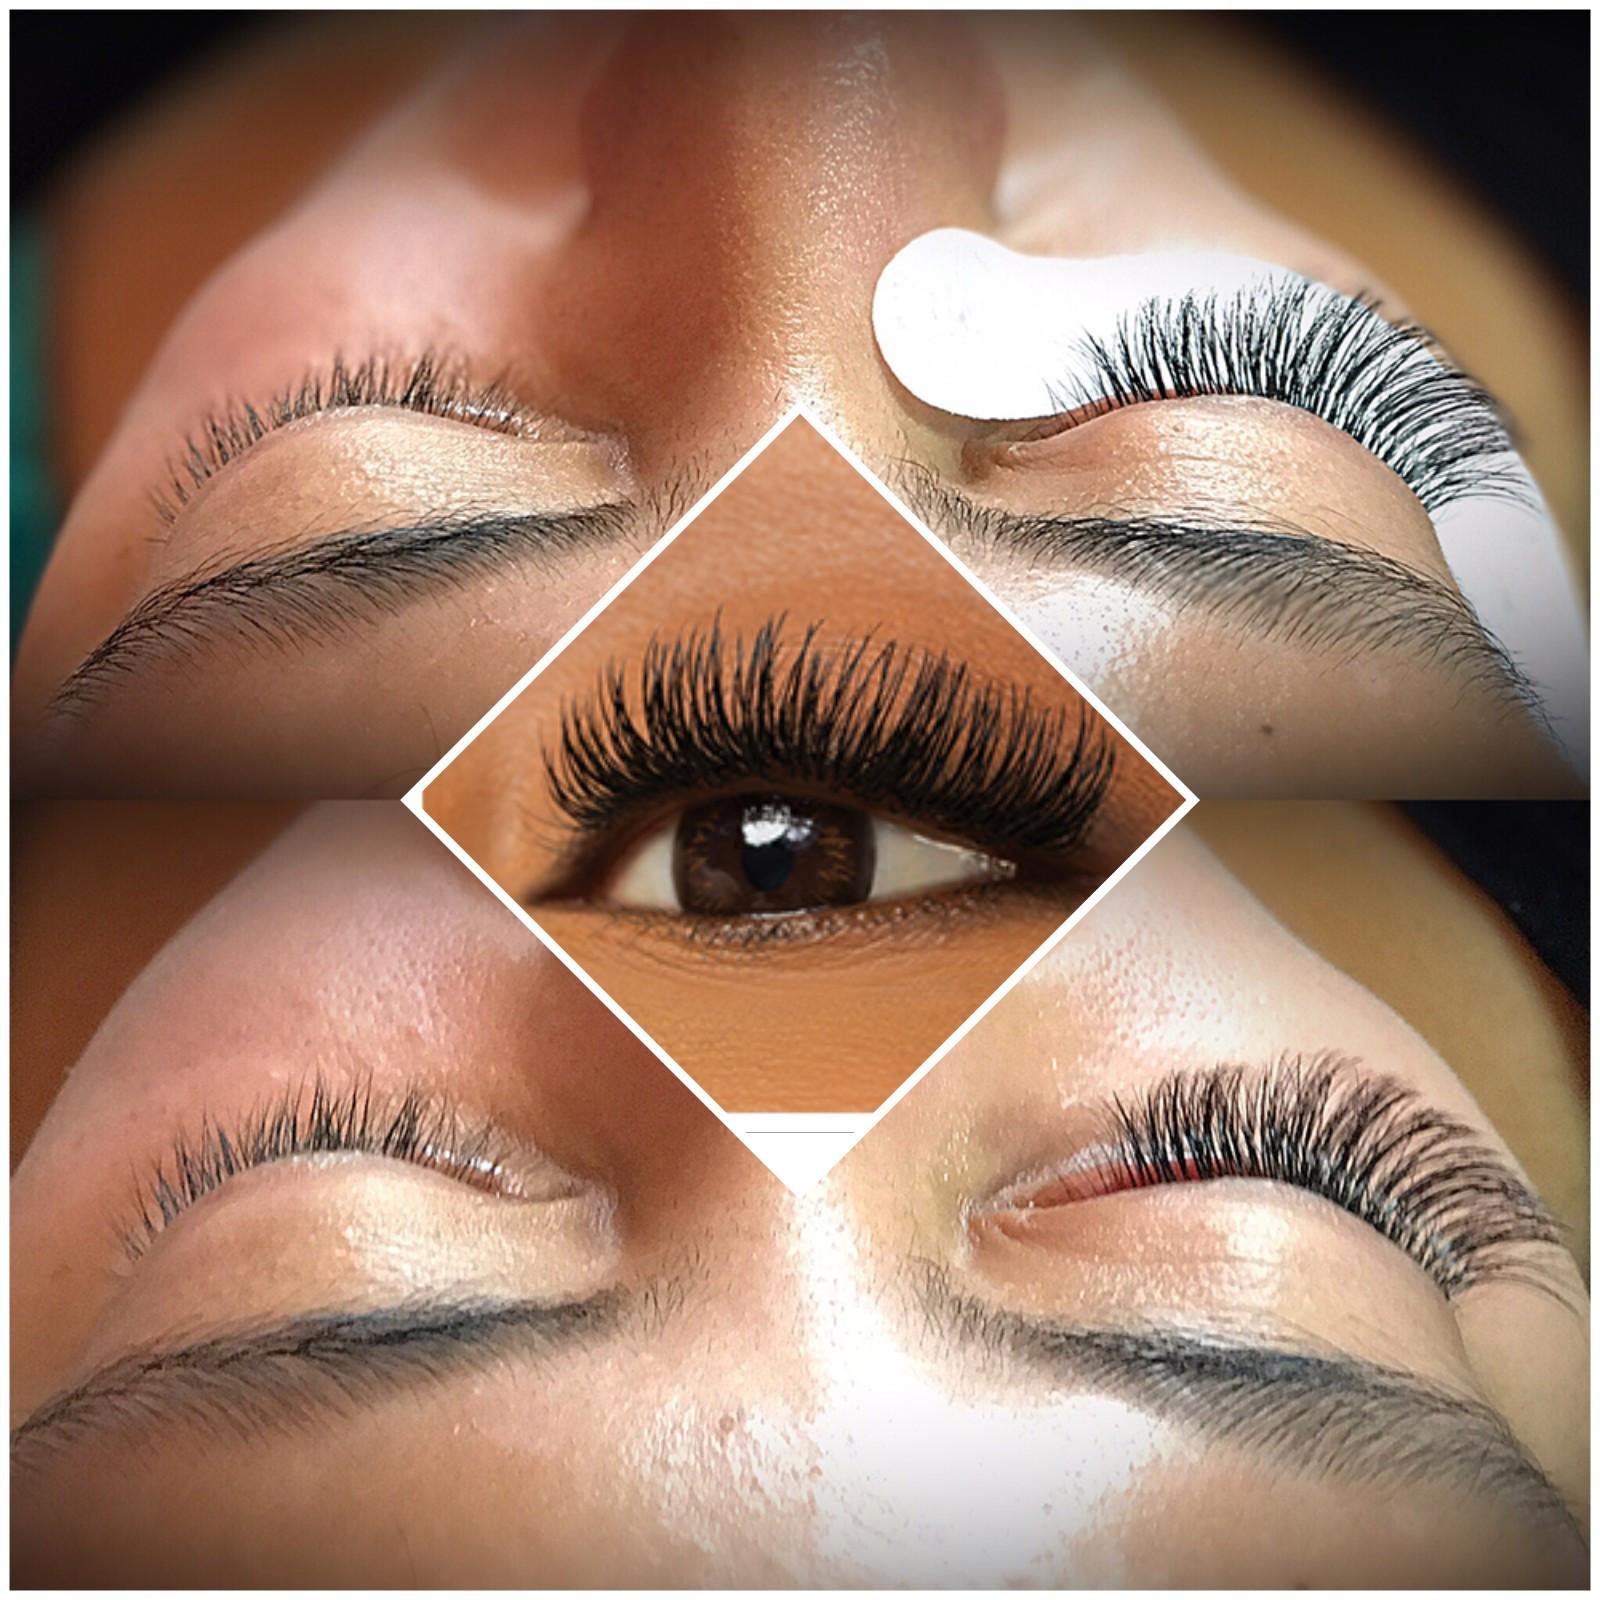 Eyebrow Waxing/Eyelash Extensions